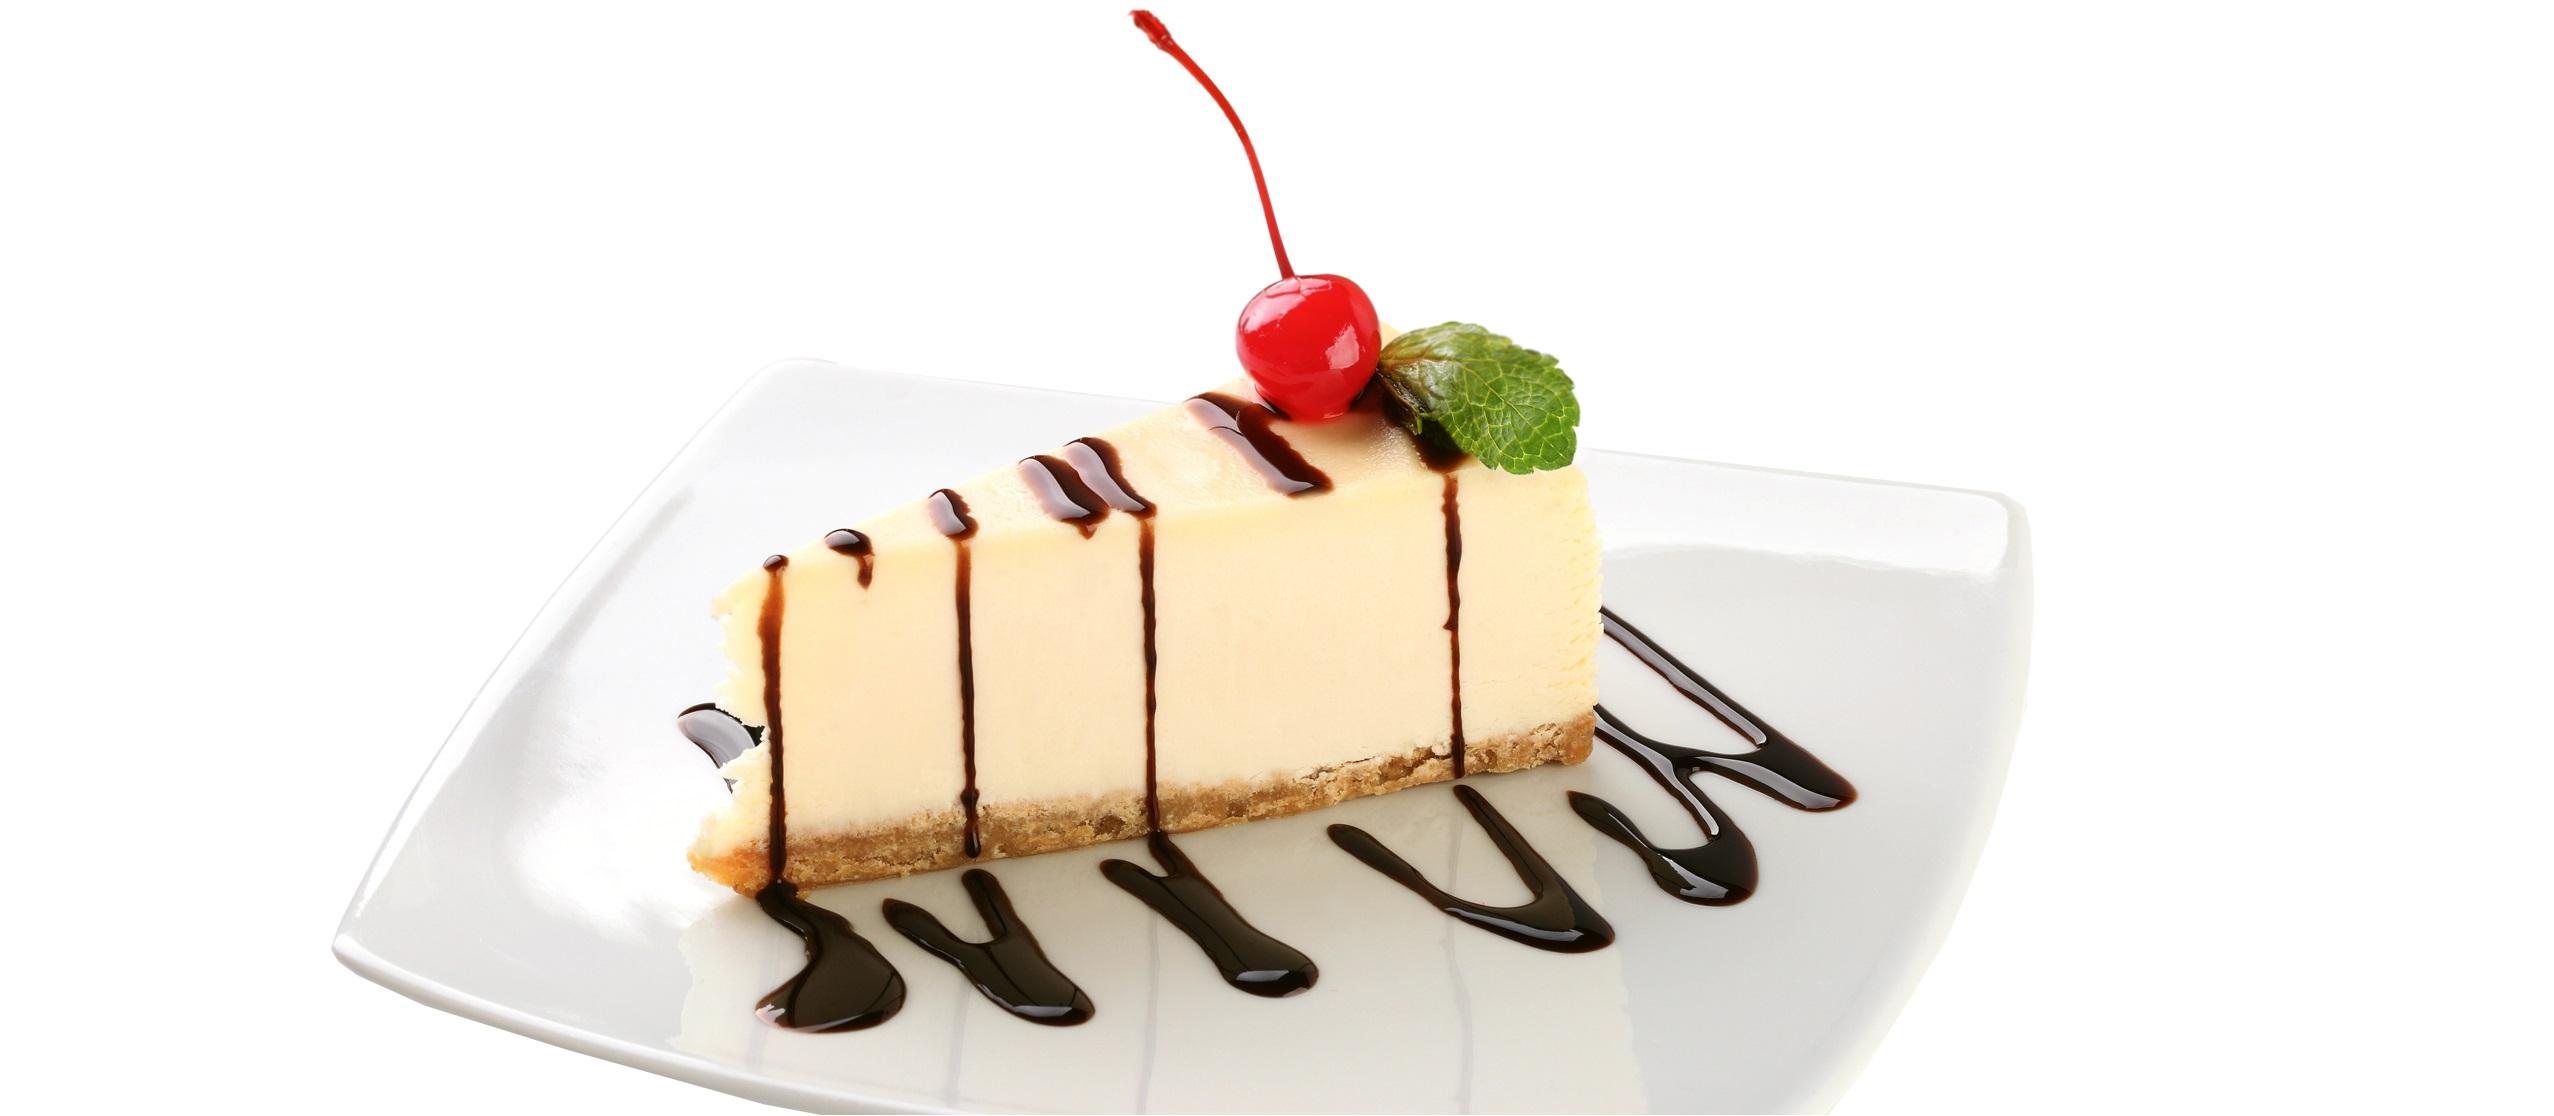 Cheesecake ohne Backen